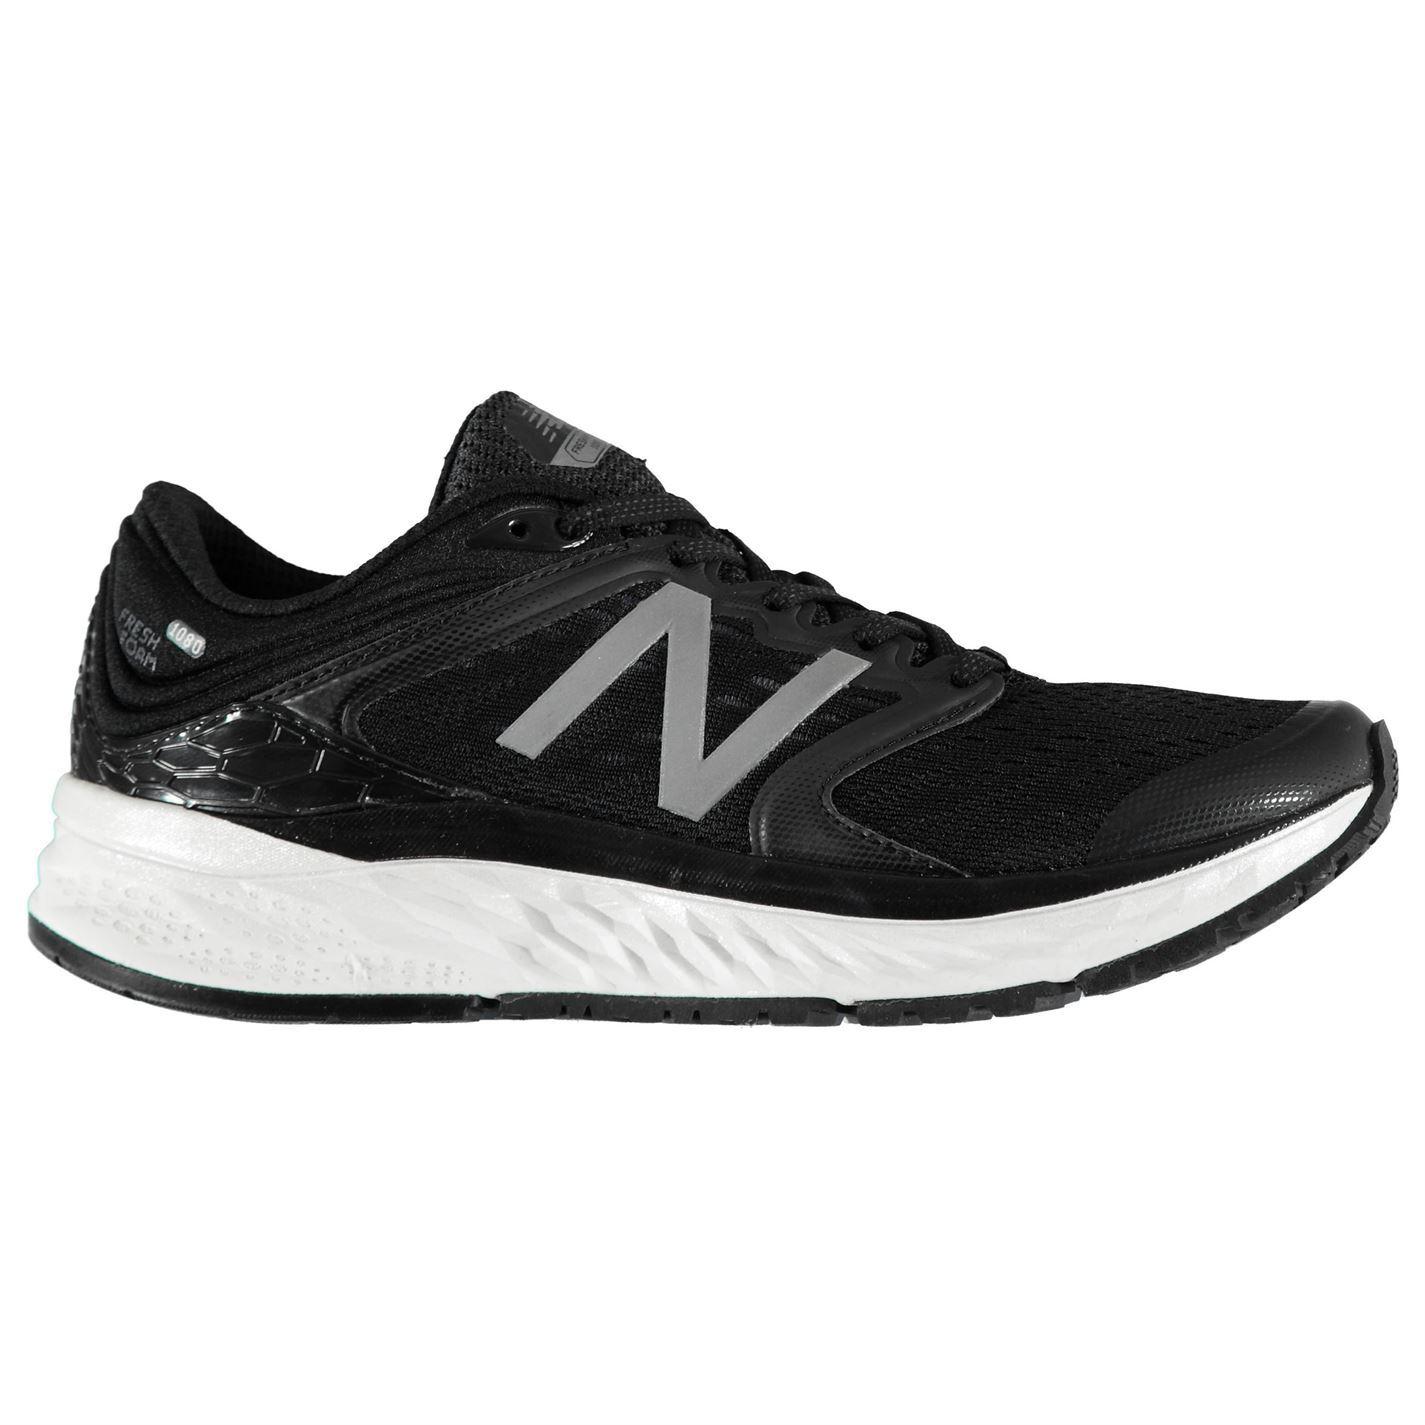 New Balance Damenschuhe Fresh Foam 1080 v8 B Running Schuhes Ortholite Road Ortholite Schuhes Mesh Slim 293975